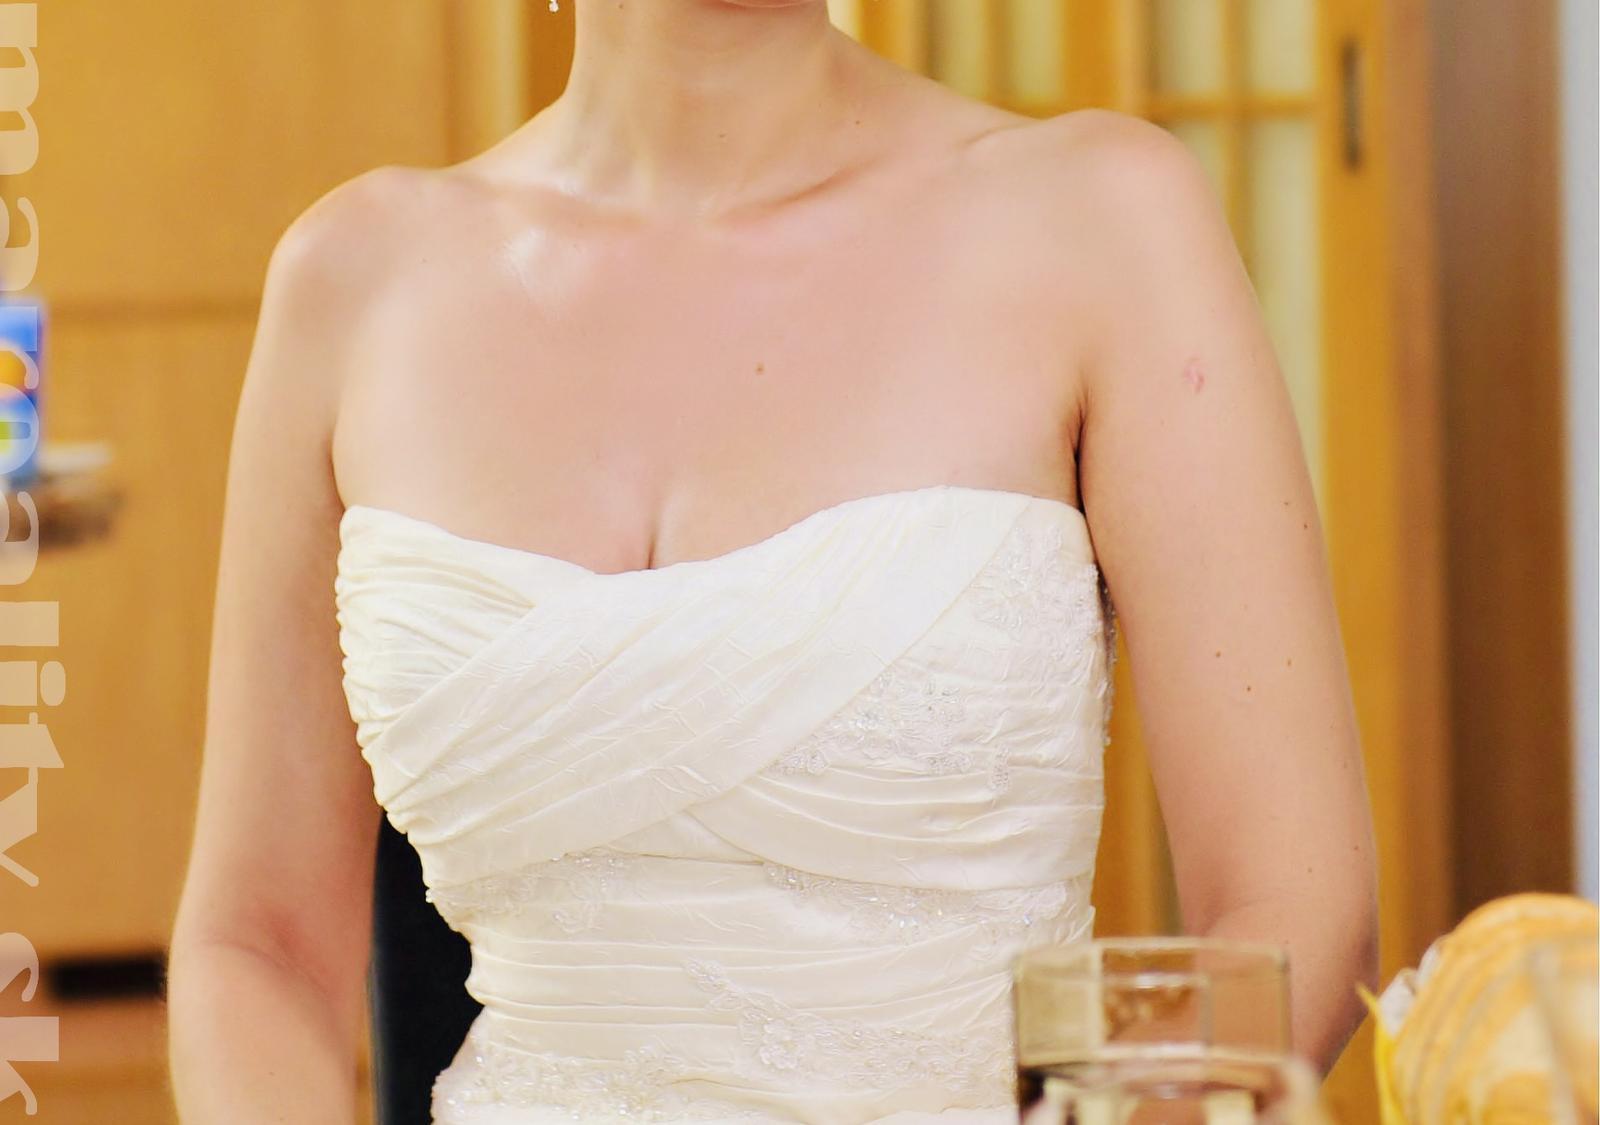 La sposa svadobne saty velkost M - Obrázok č. 4